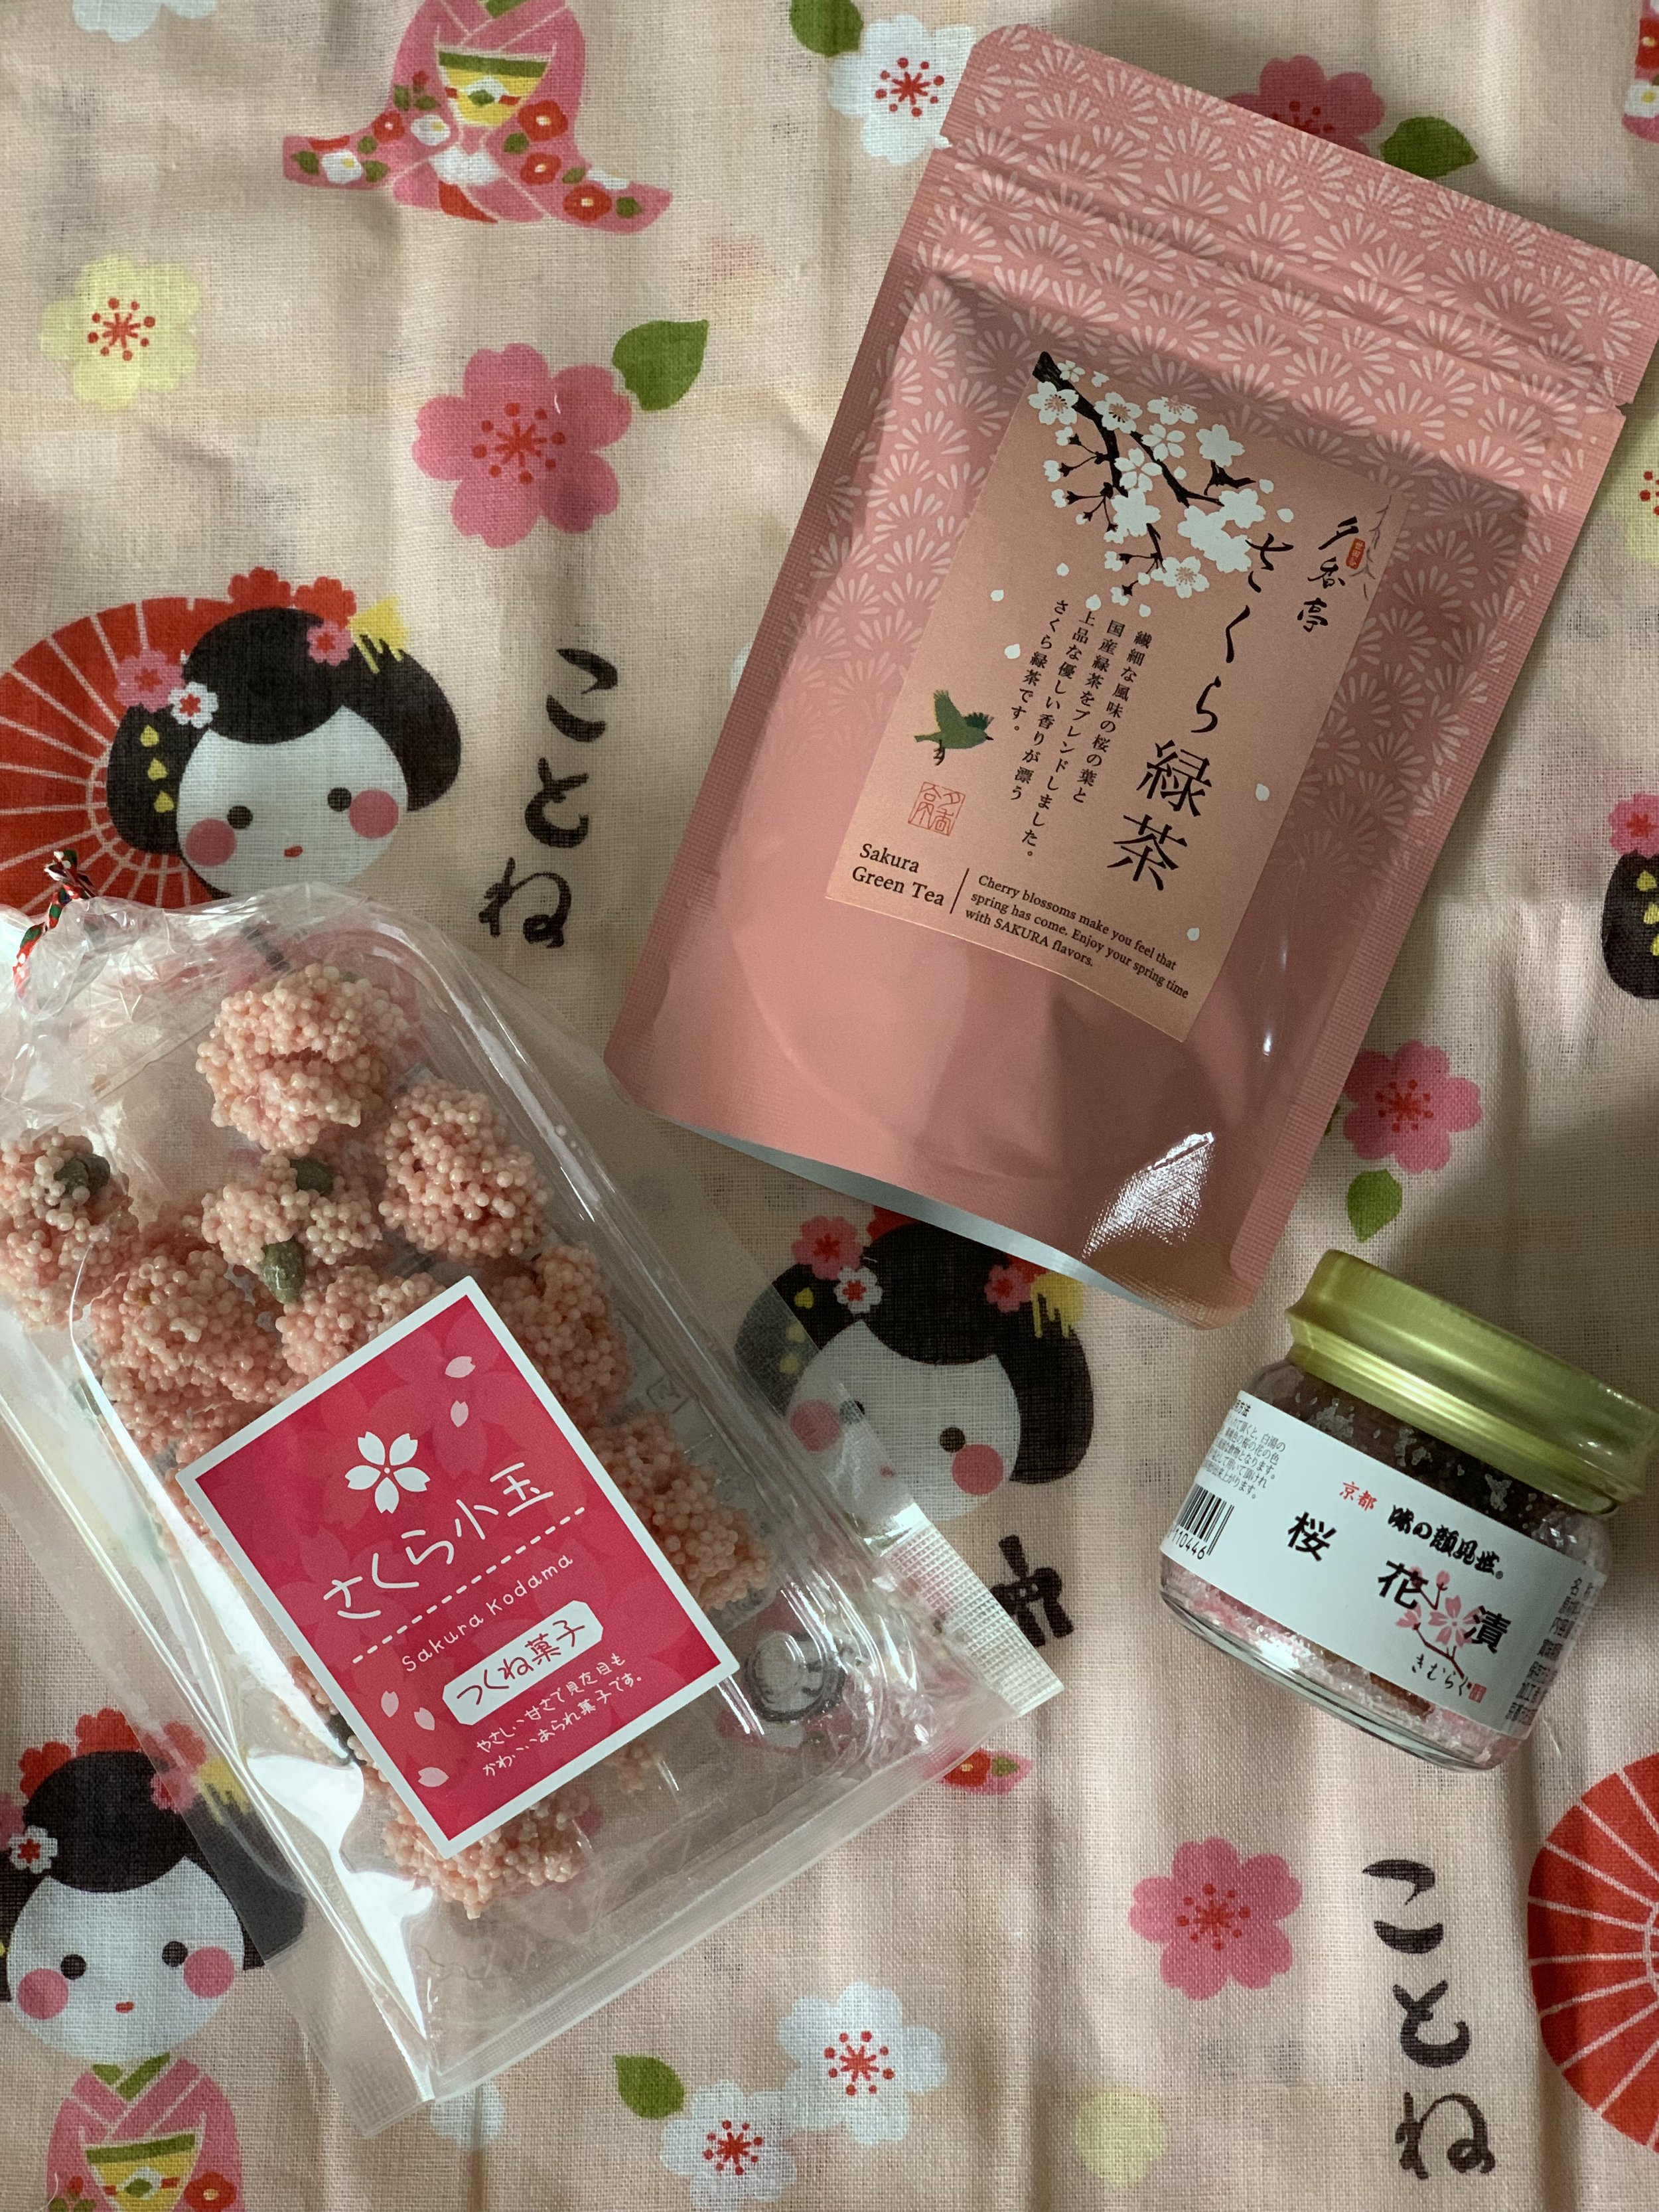 Sakura (cherry blossom) flavored treats (kind of like rice crispy treats,) loose leaf green tea, & sweet blossom flakes.